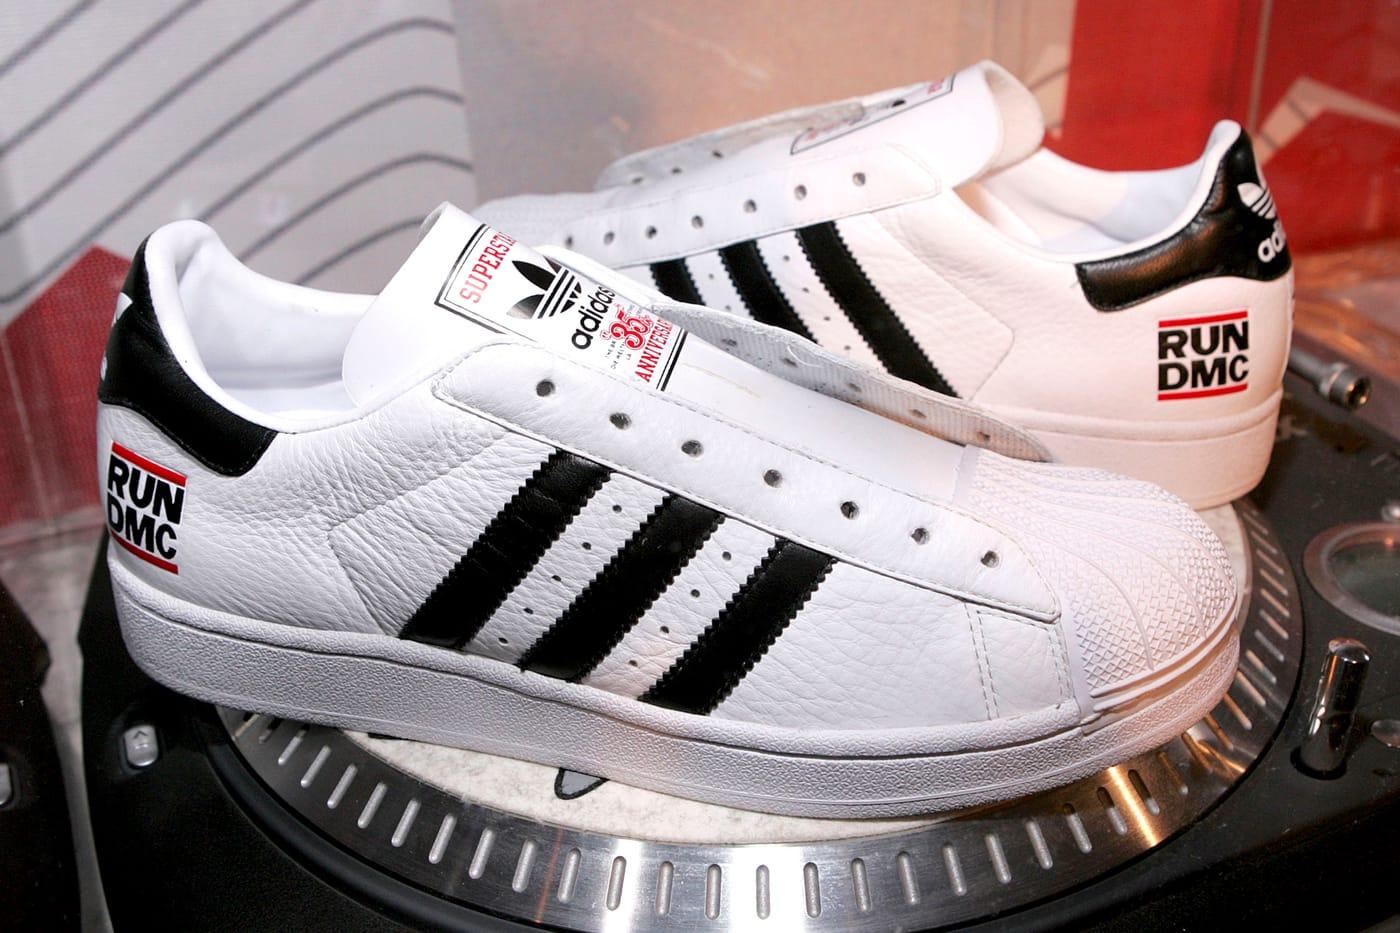 adidas superstar run dmc edition